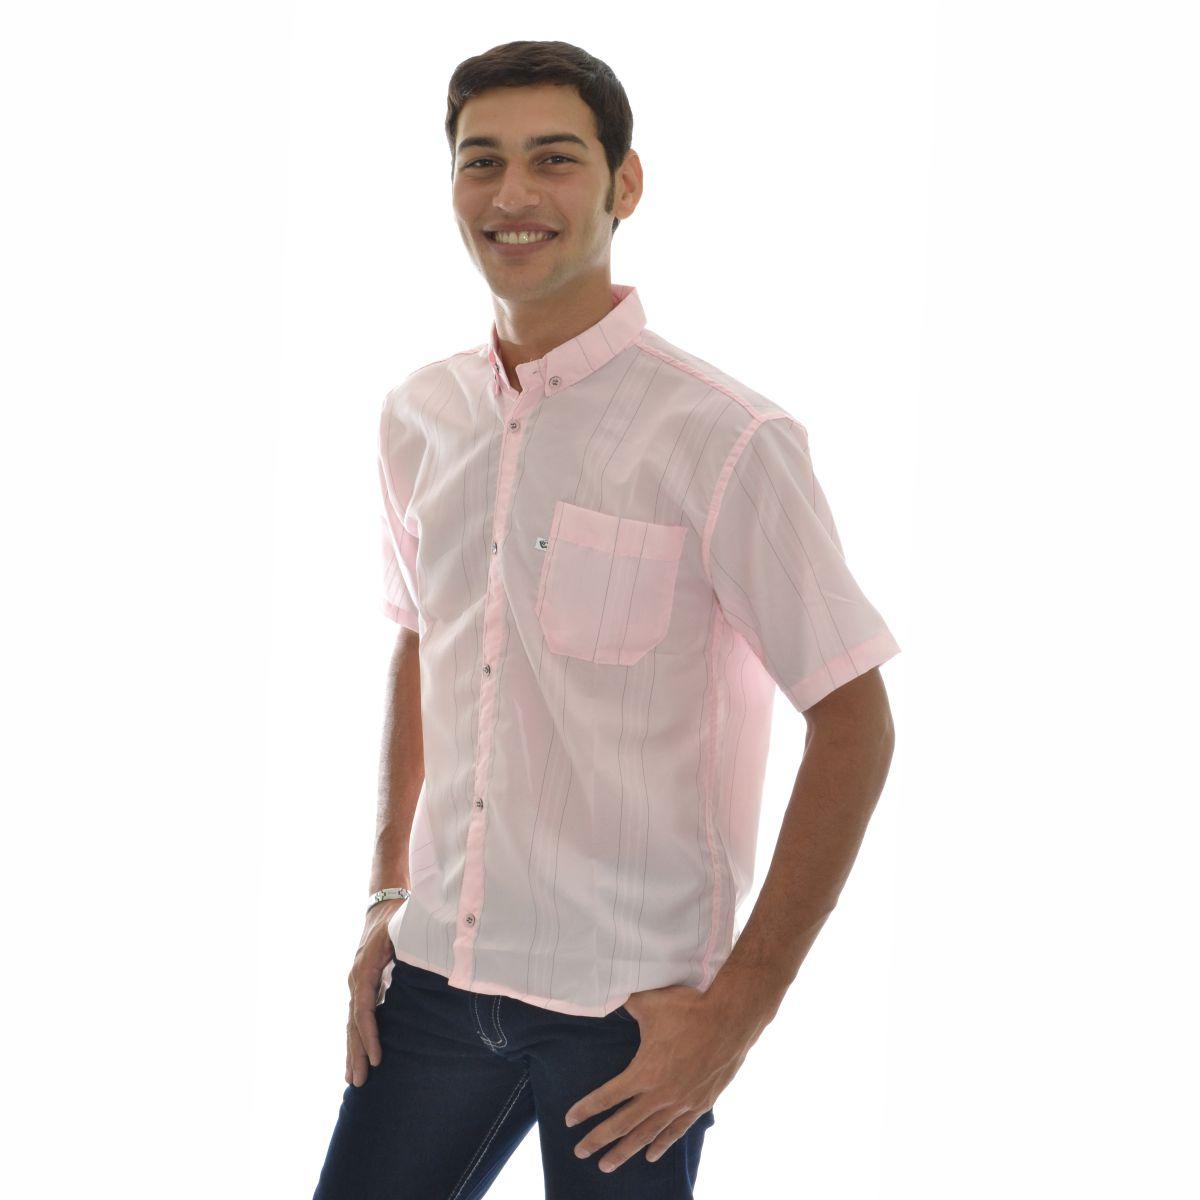 Los Hombres Camisas De Seda - Compra lotes baratos de Los